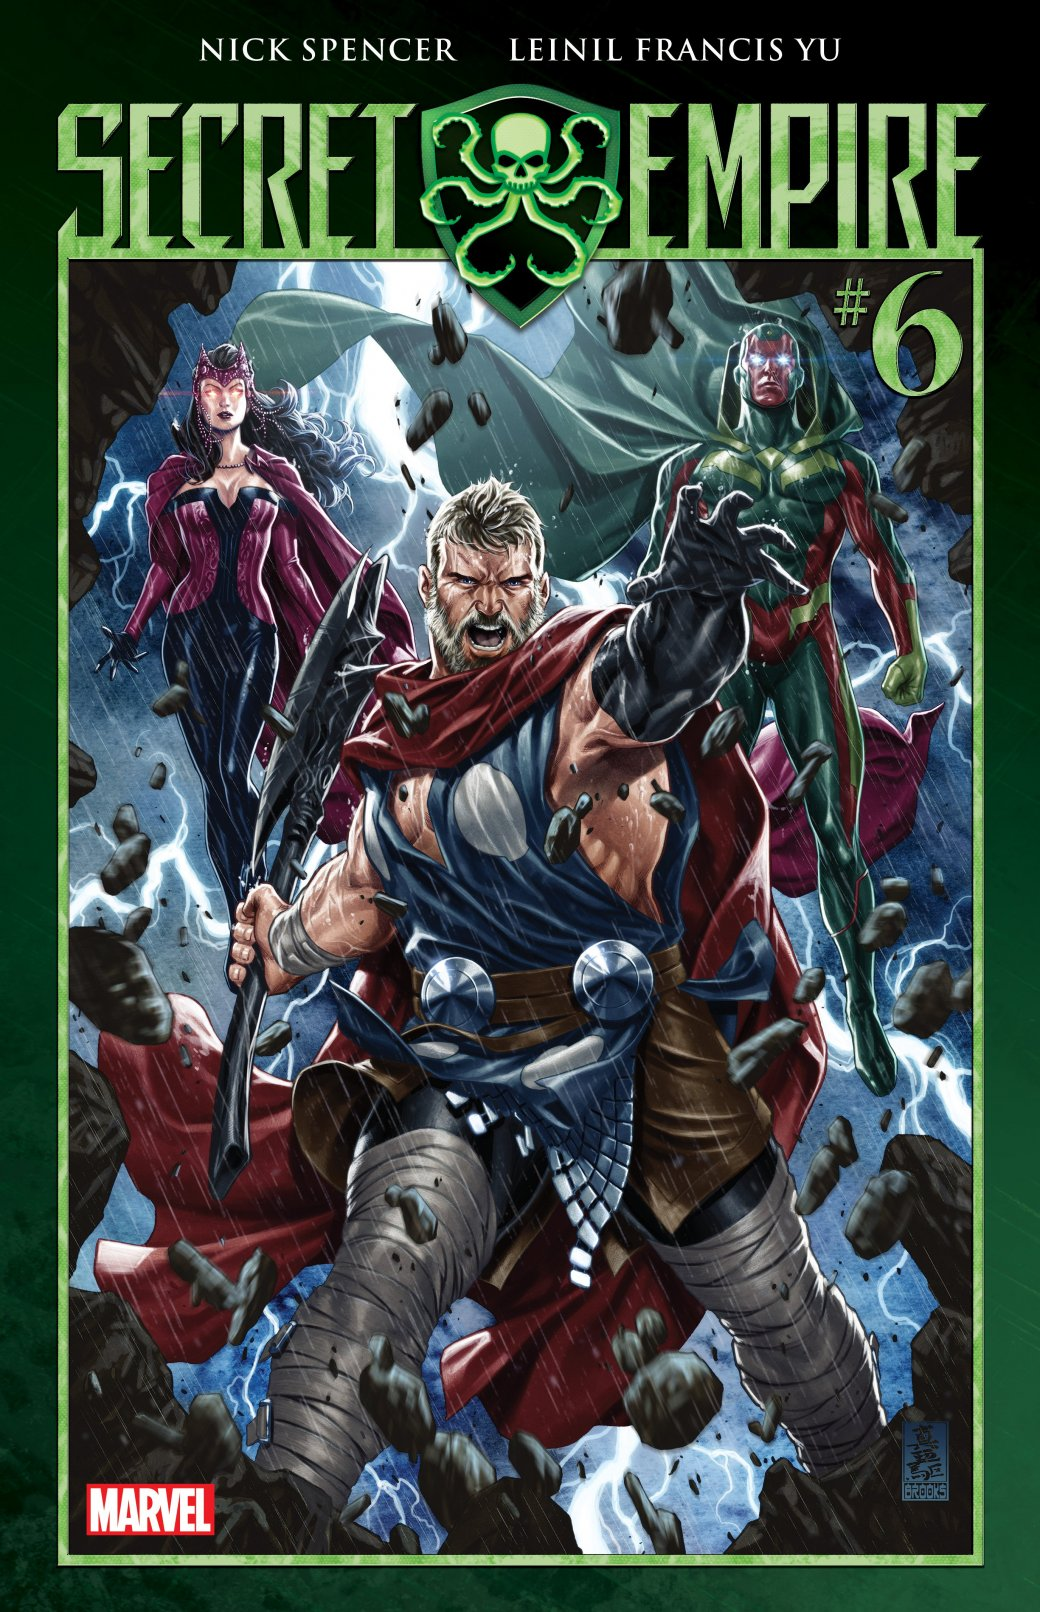 Тор Одинсон, Алая ведьма и Вижн против Капитана Америка   Канобу - Изображение 6008